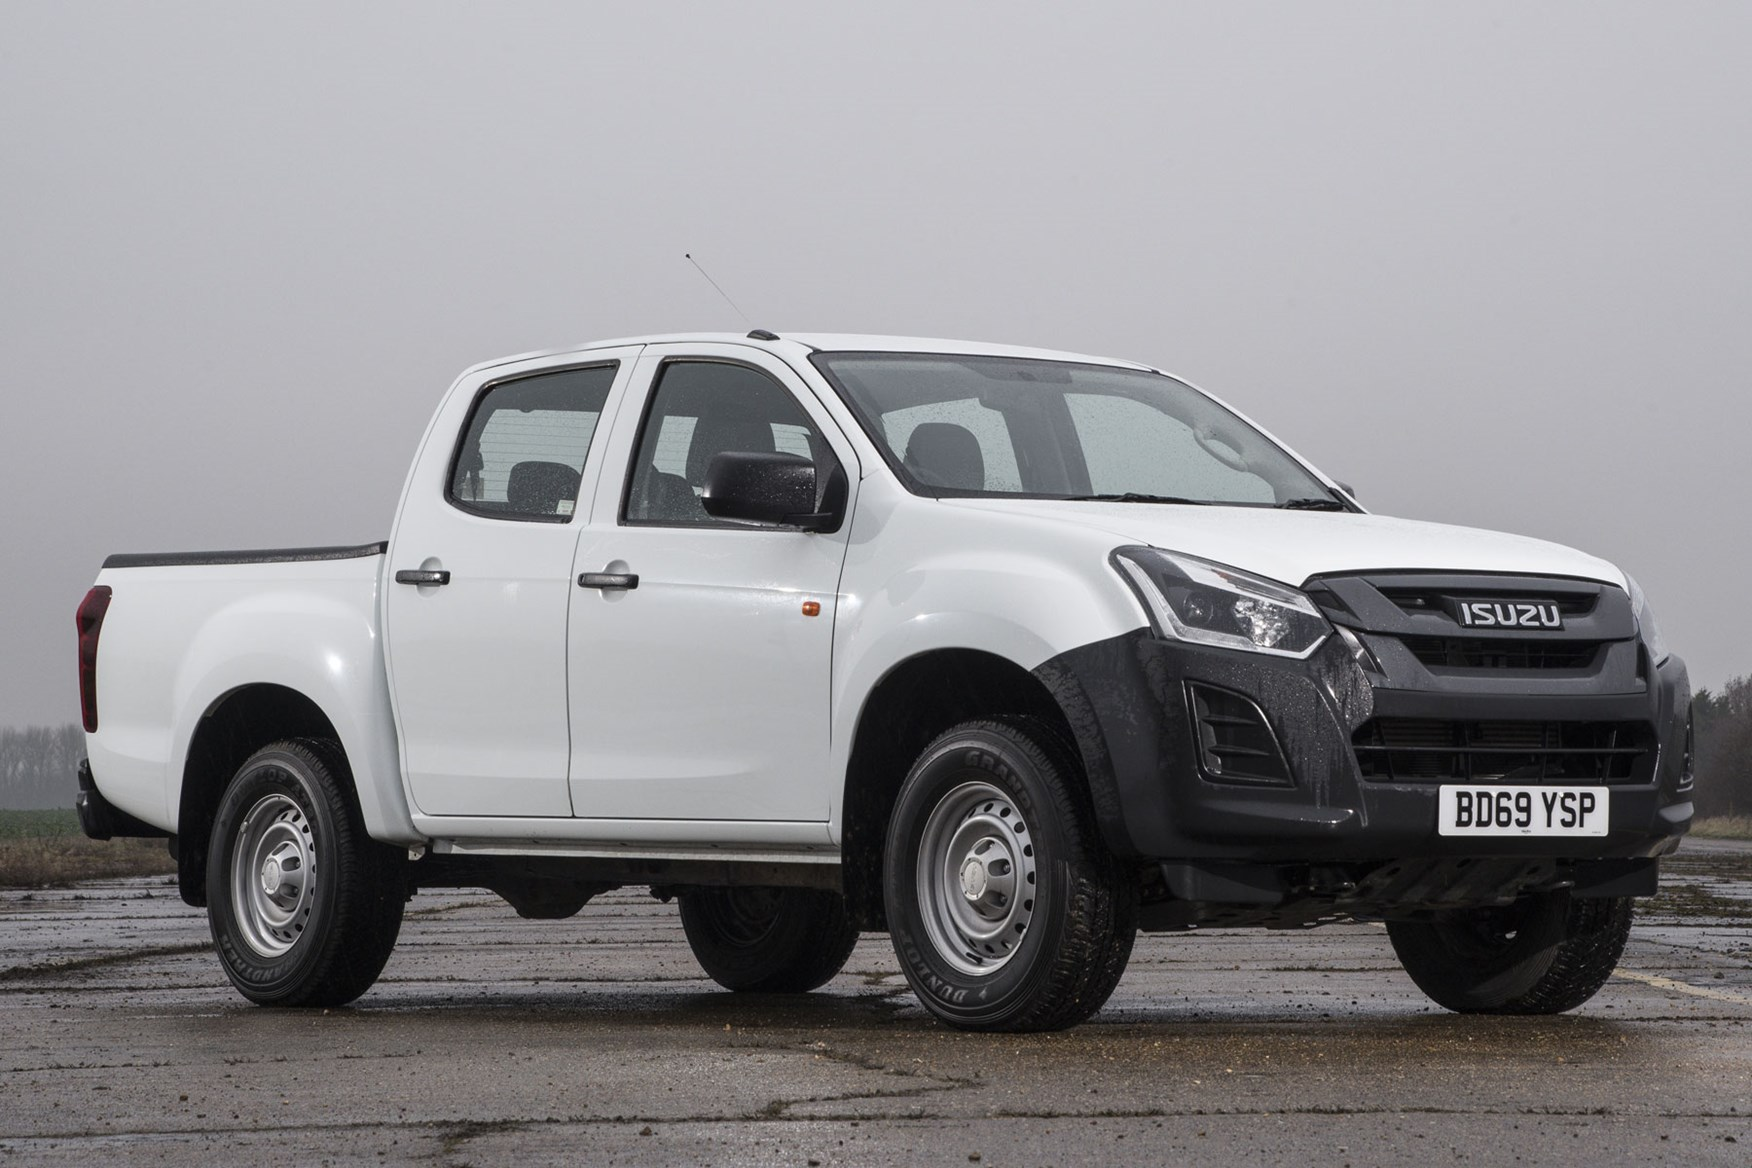 best pick up trucks Isuzu D-Max